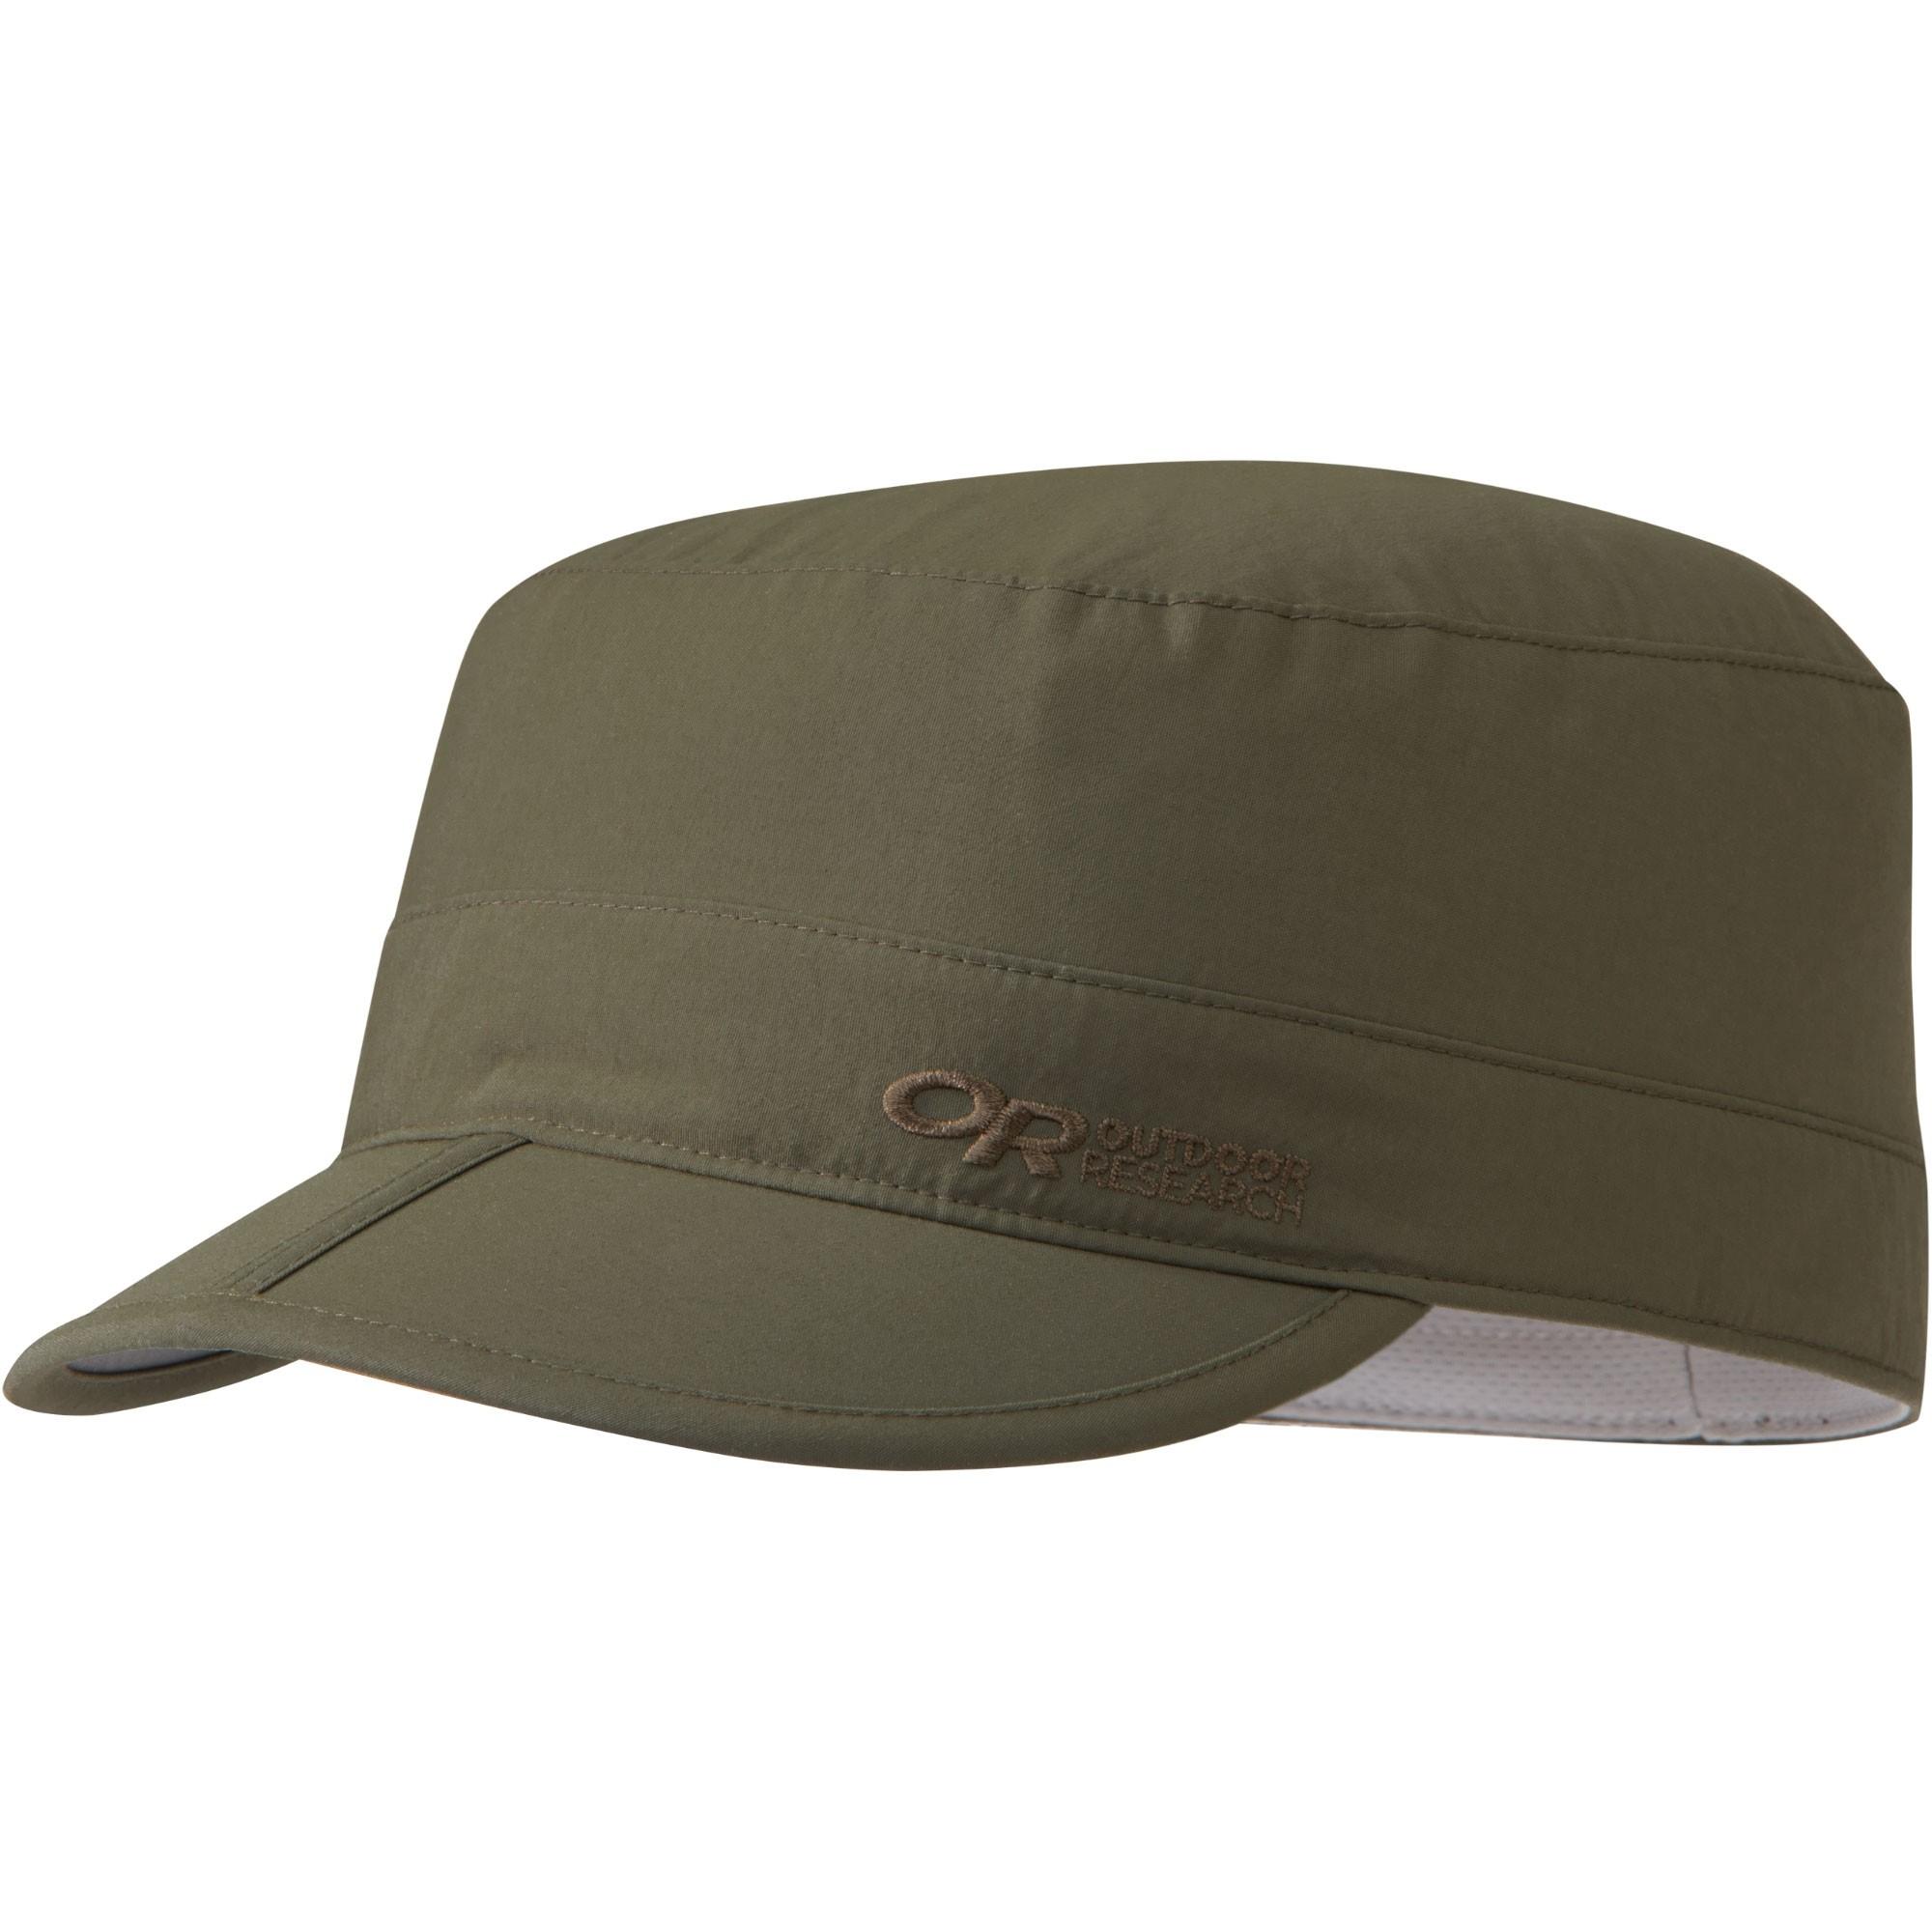 Outdoor Research Radar Pocket Cap - Fatigue